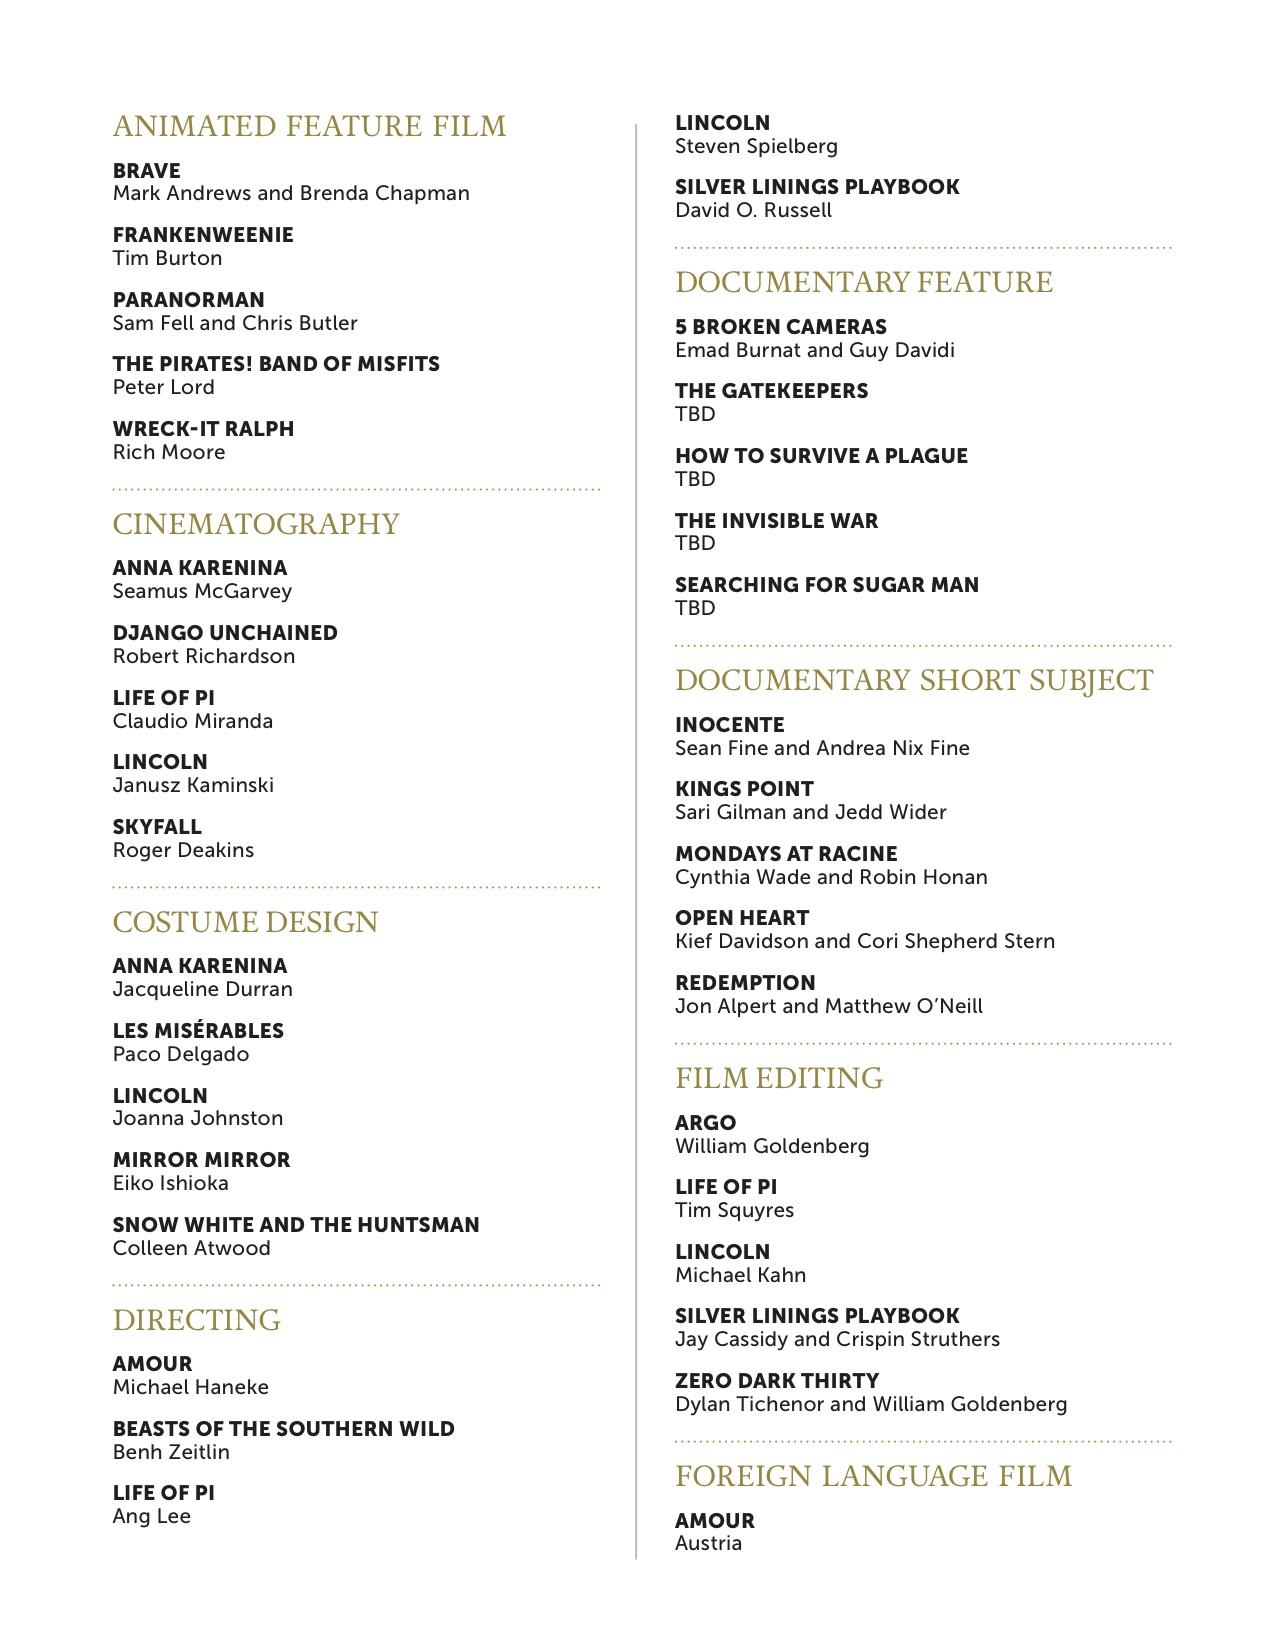 nominees copy 2